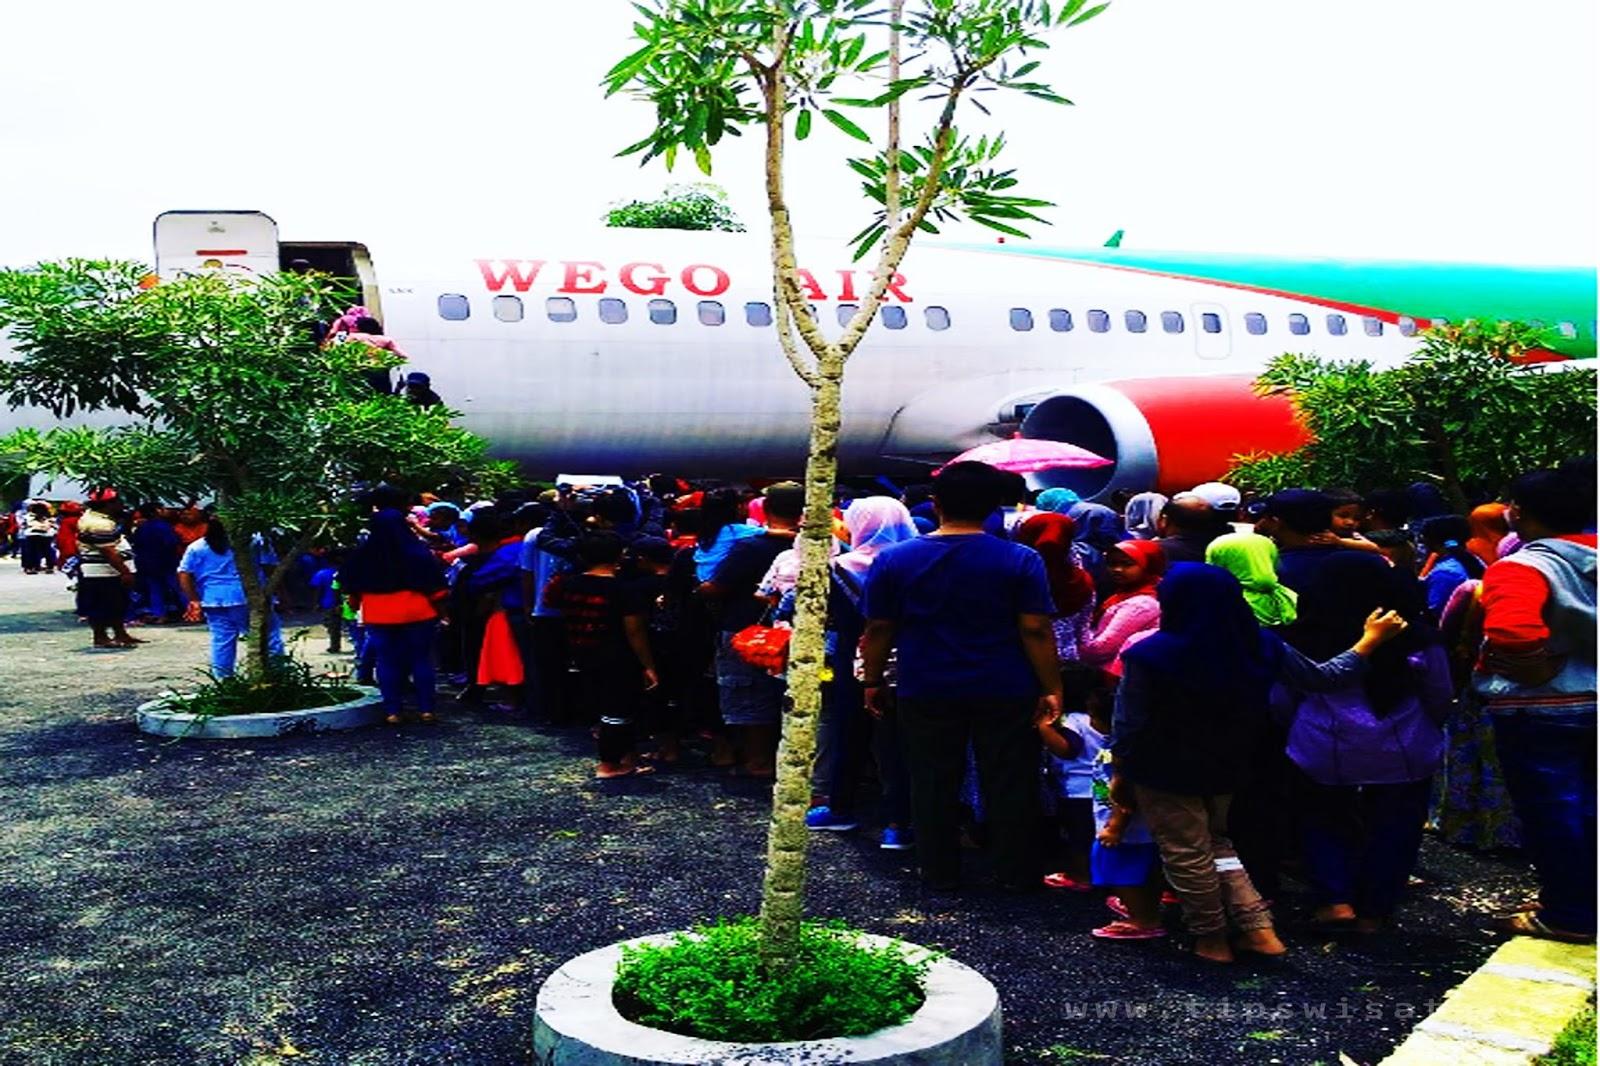 17 Pariwisata Wajib Kamu Kunjungi Datang Kabupaten Wisata Wego Lamongan